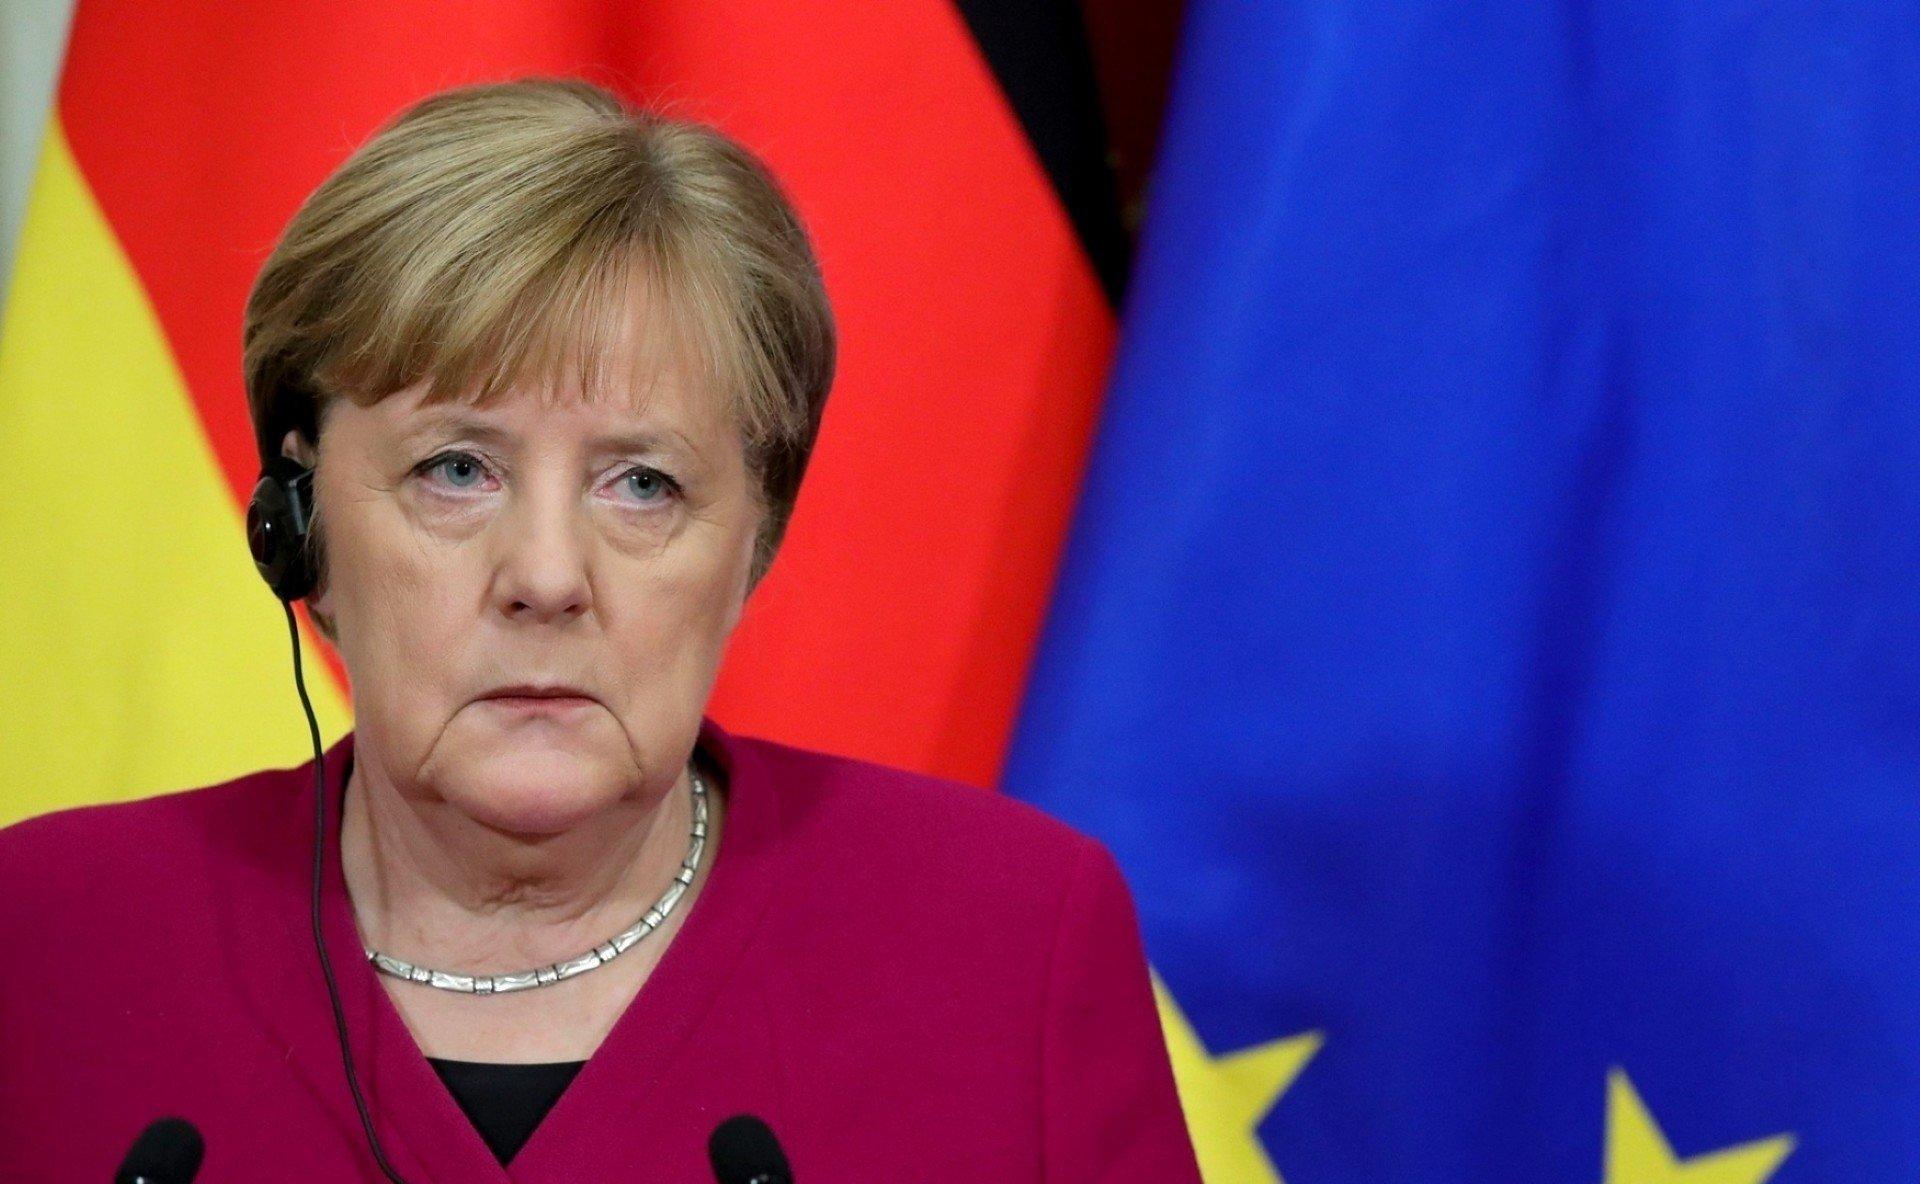 Меркель хочет закрыть границы ЕС для британцев